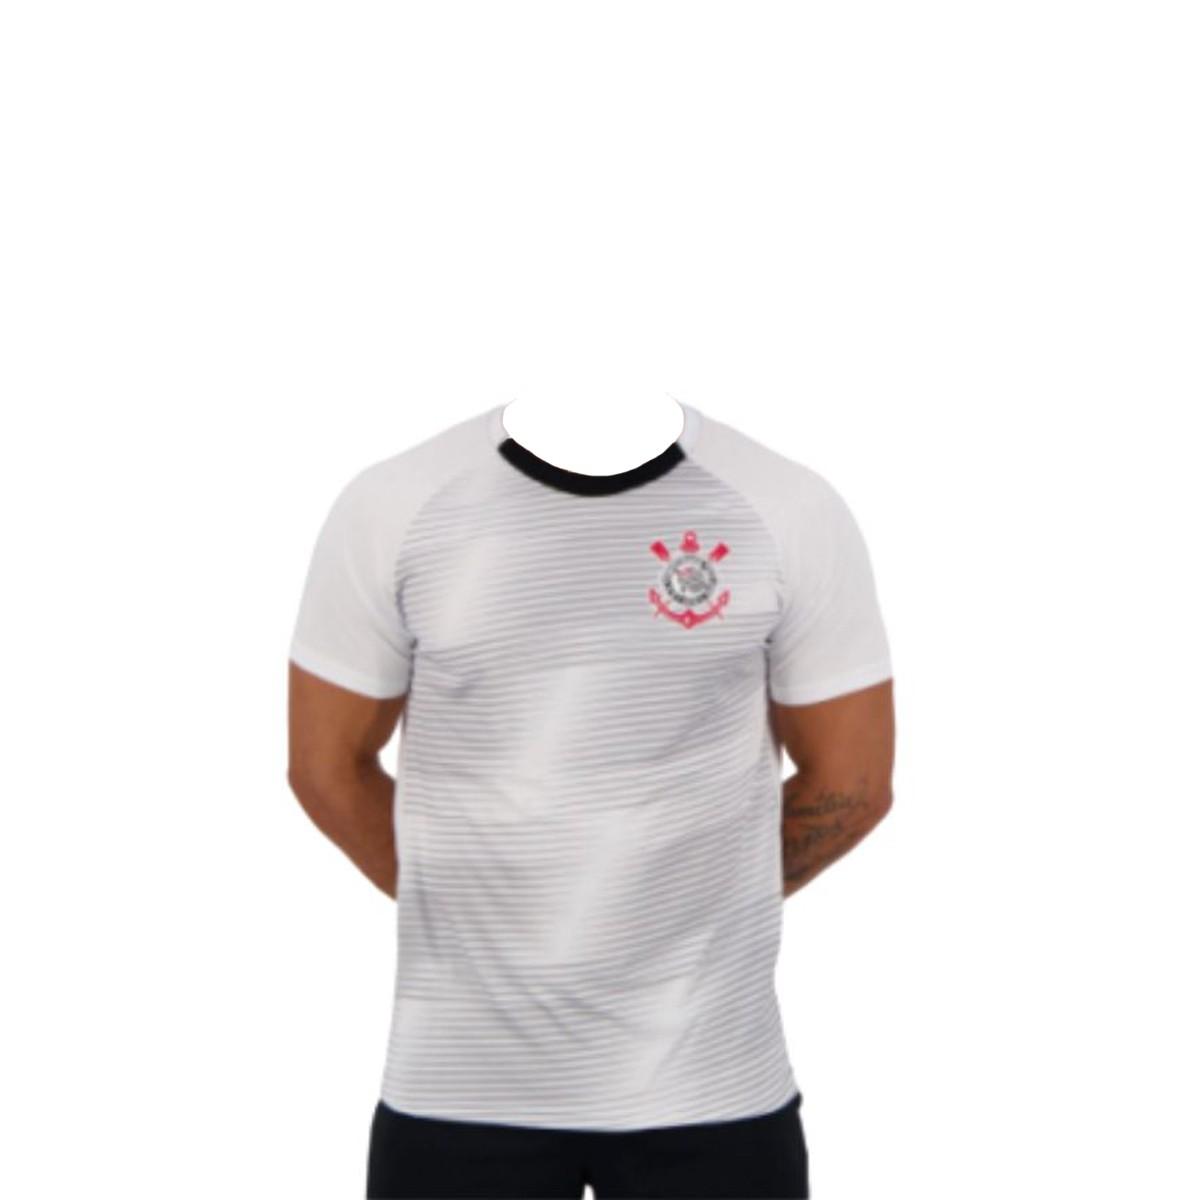 Camiseta SPR Corinthians Scrawl Branca